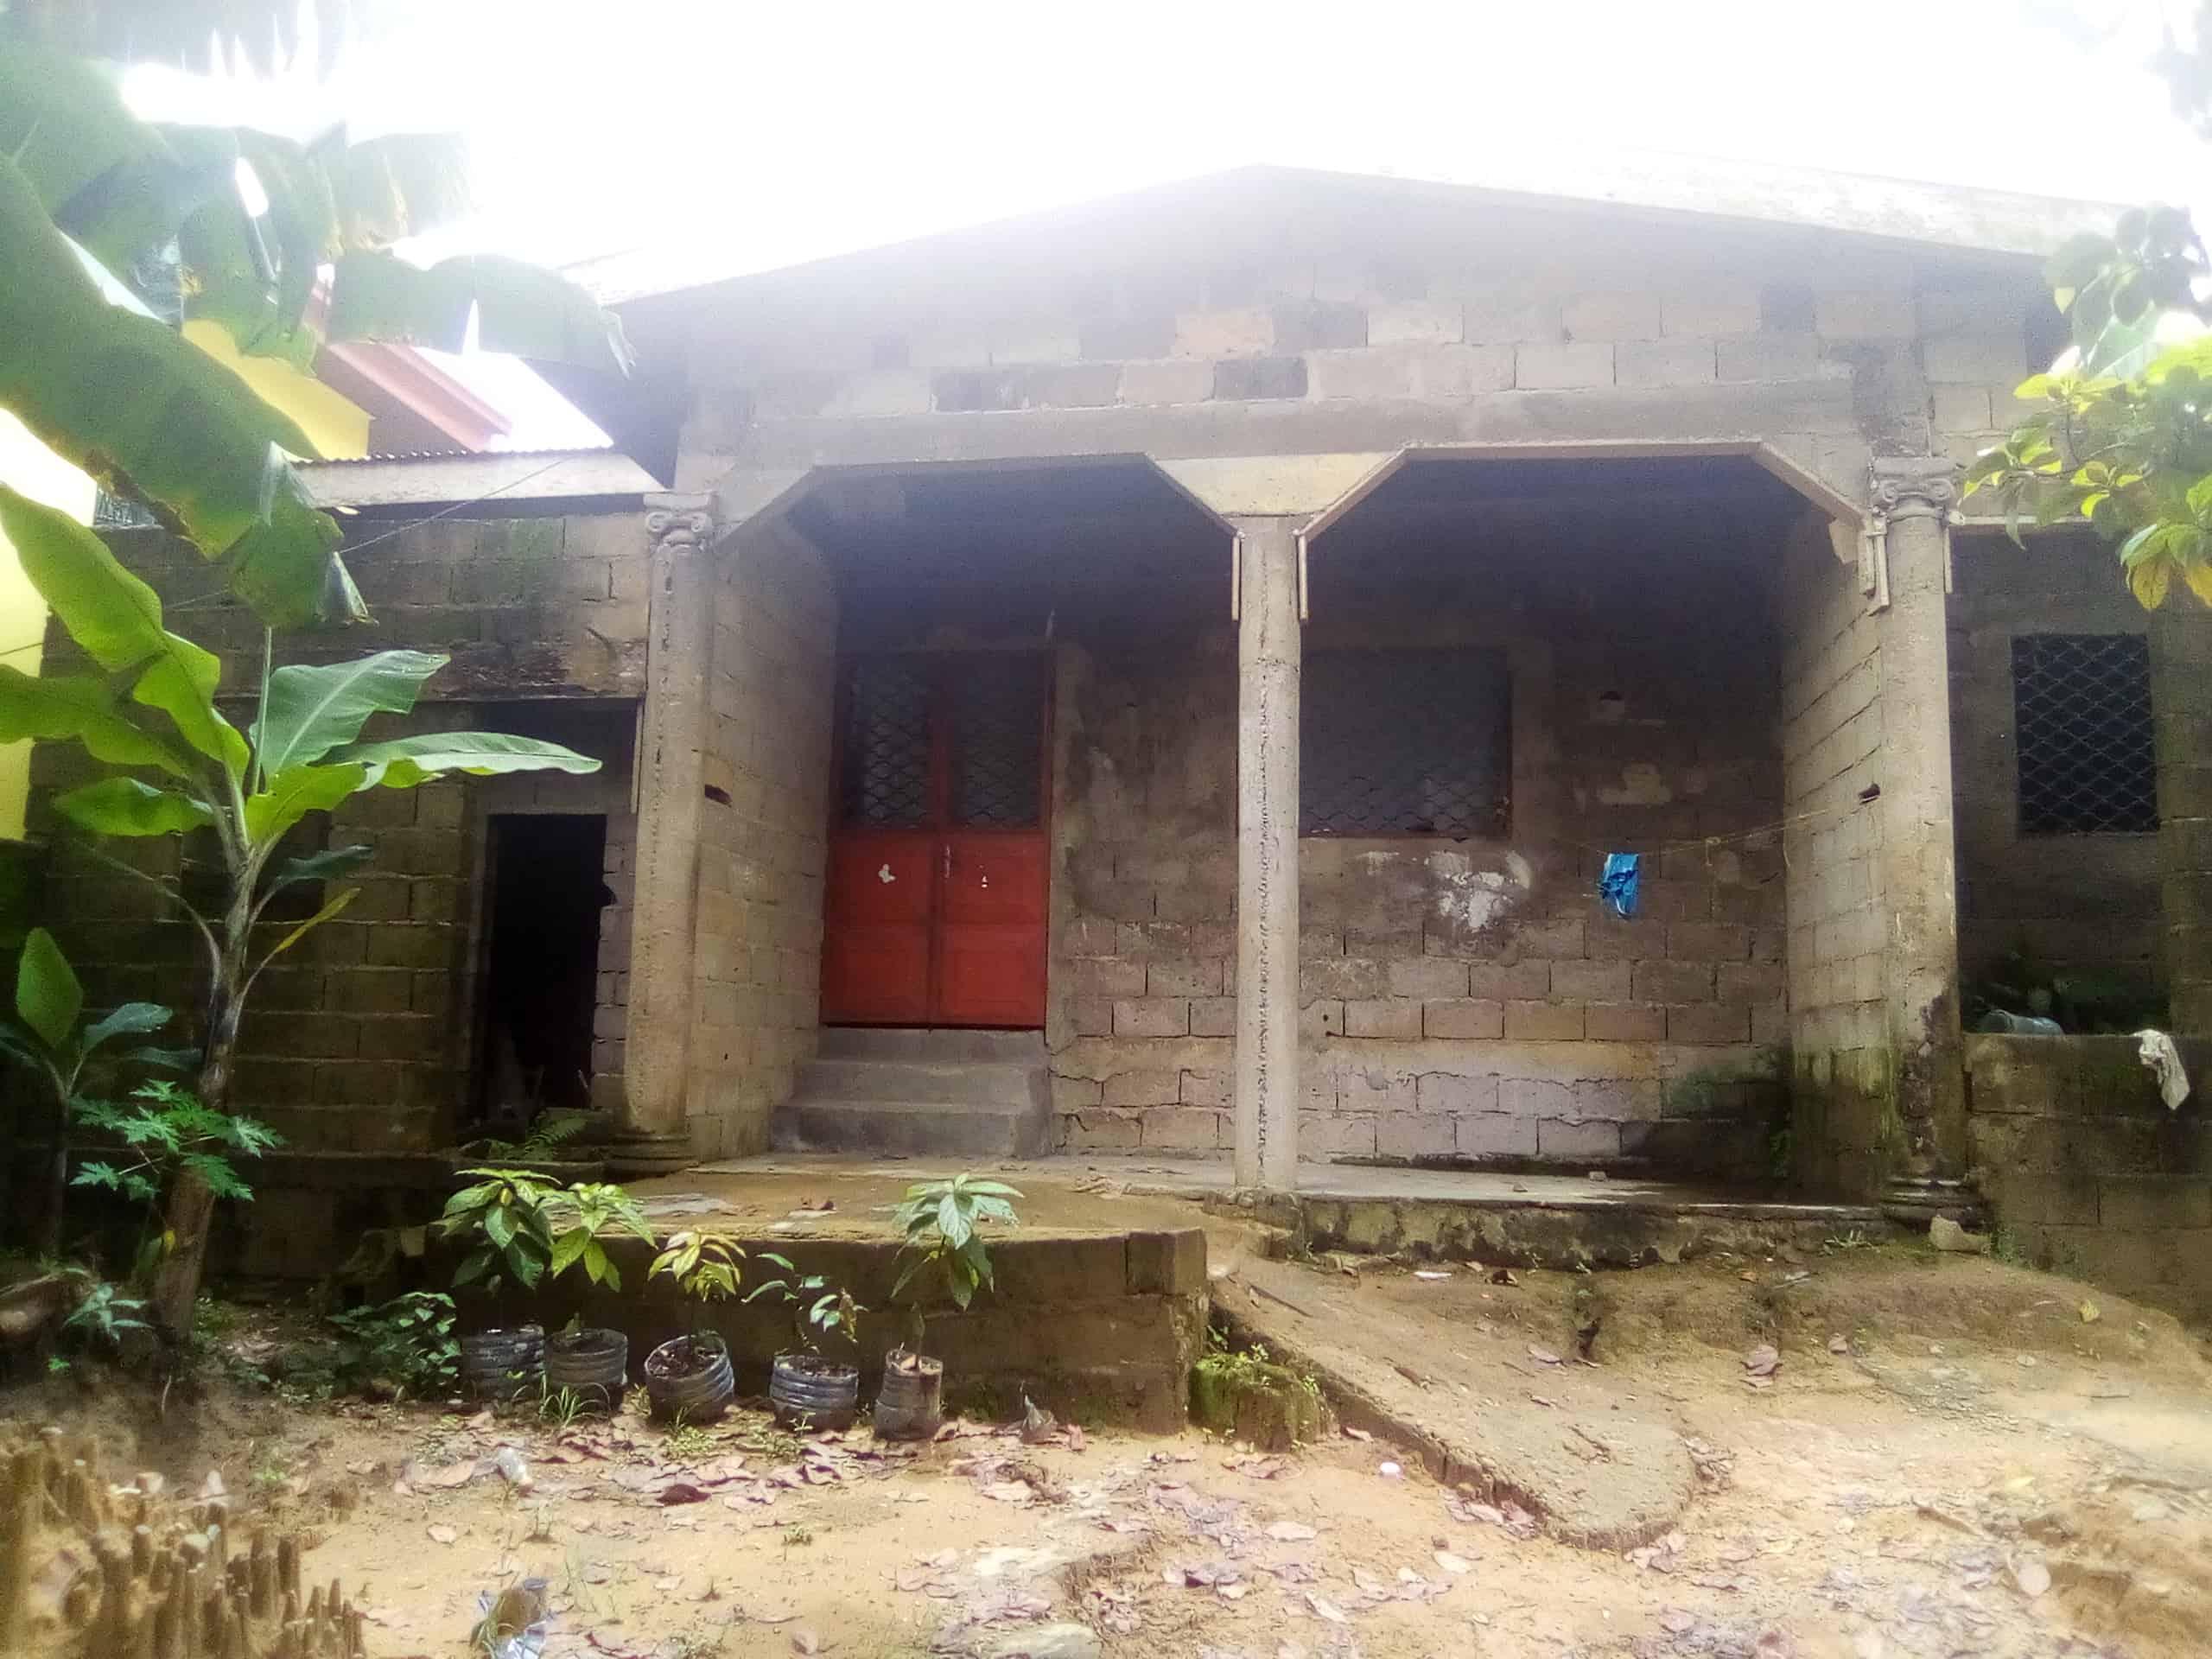 Maison (Villa) à vendre - Douala, Logpom, Bangos - 1 salon(s), 3 chambre(s), 2 salle(s) de bains - 13 000 000 FCFA